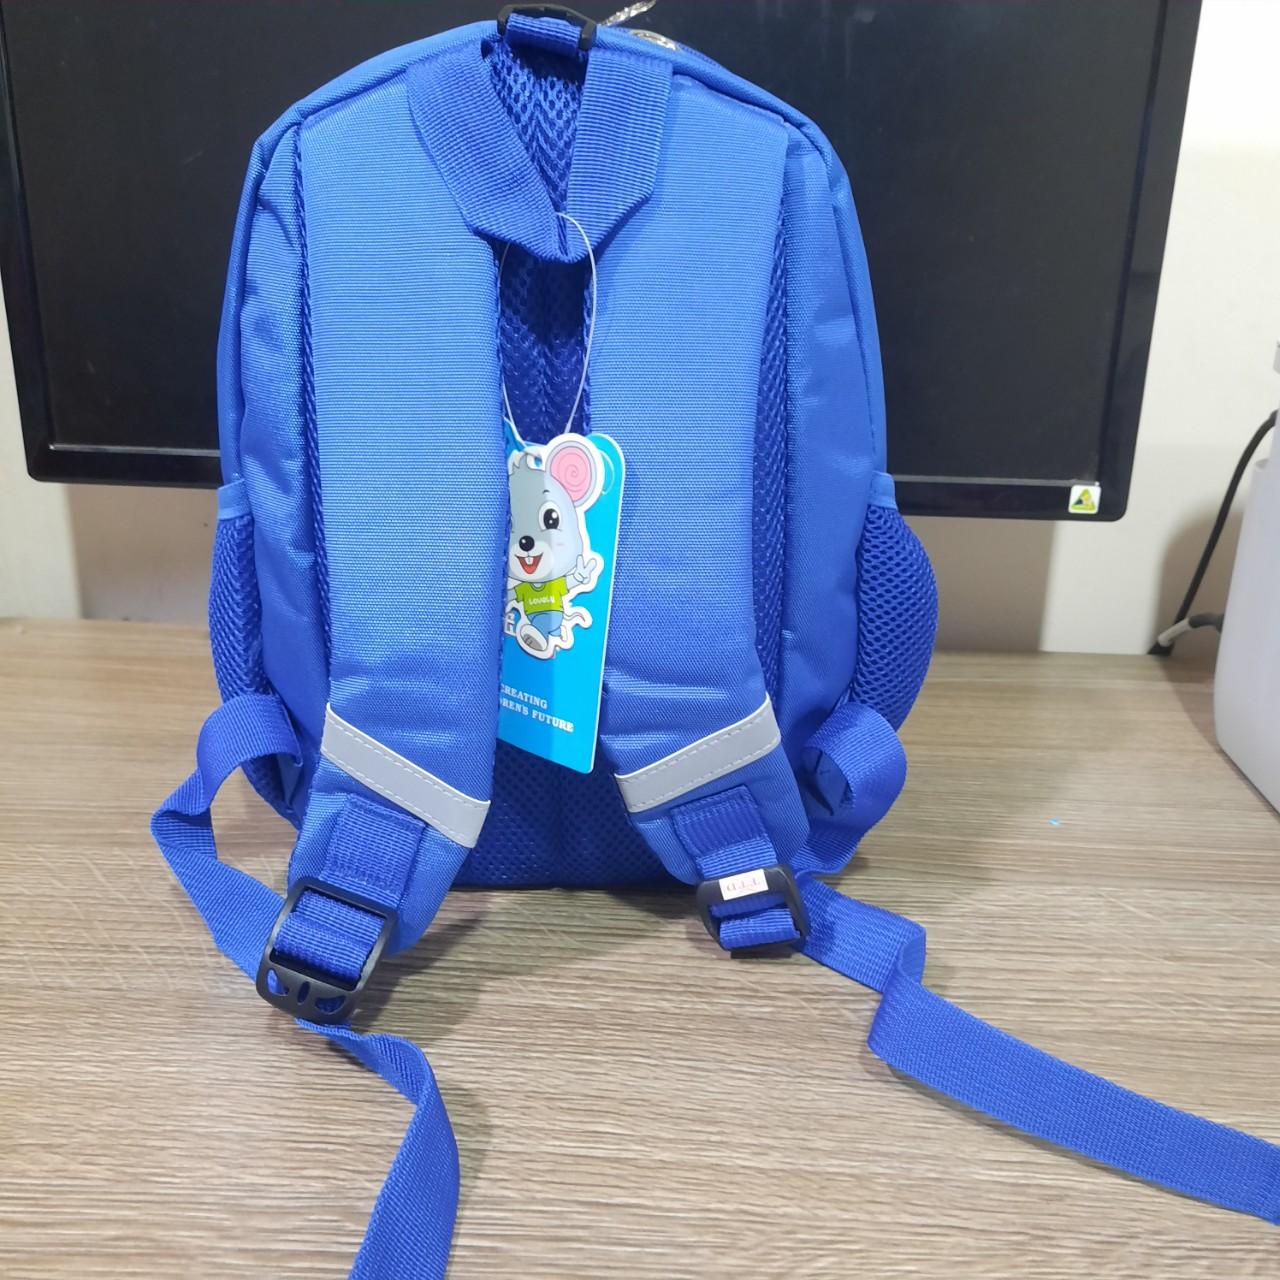 Balo 3D Hình Voi viền đỏ- xanh  cho trẻ mùa hè đi học 0007 Shalla (balo 3D hình voi chuyên sỉ)